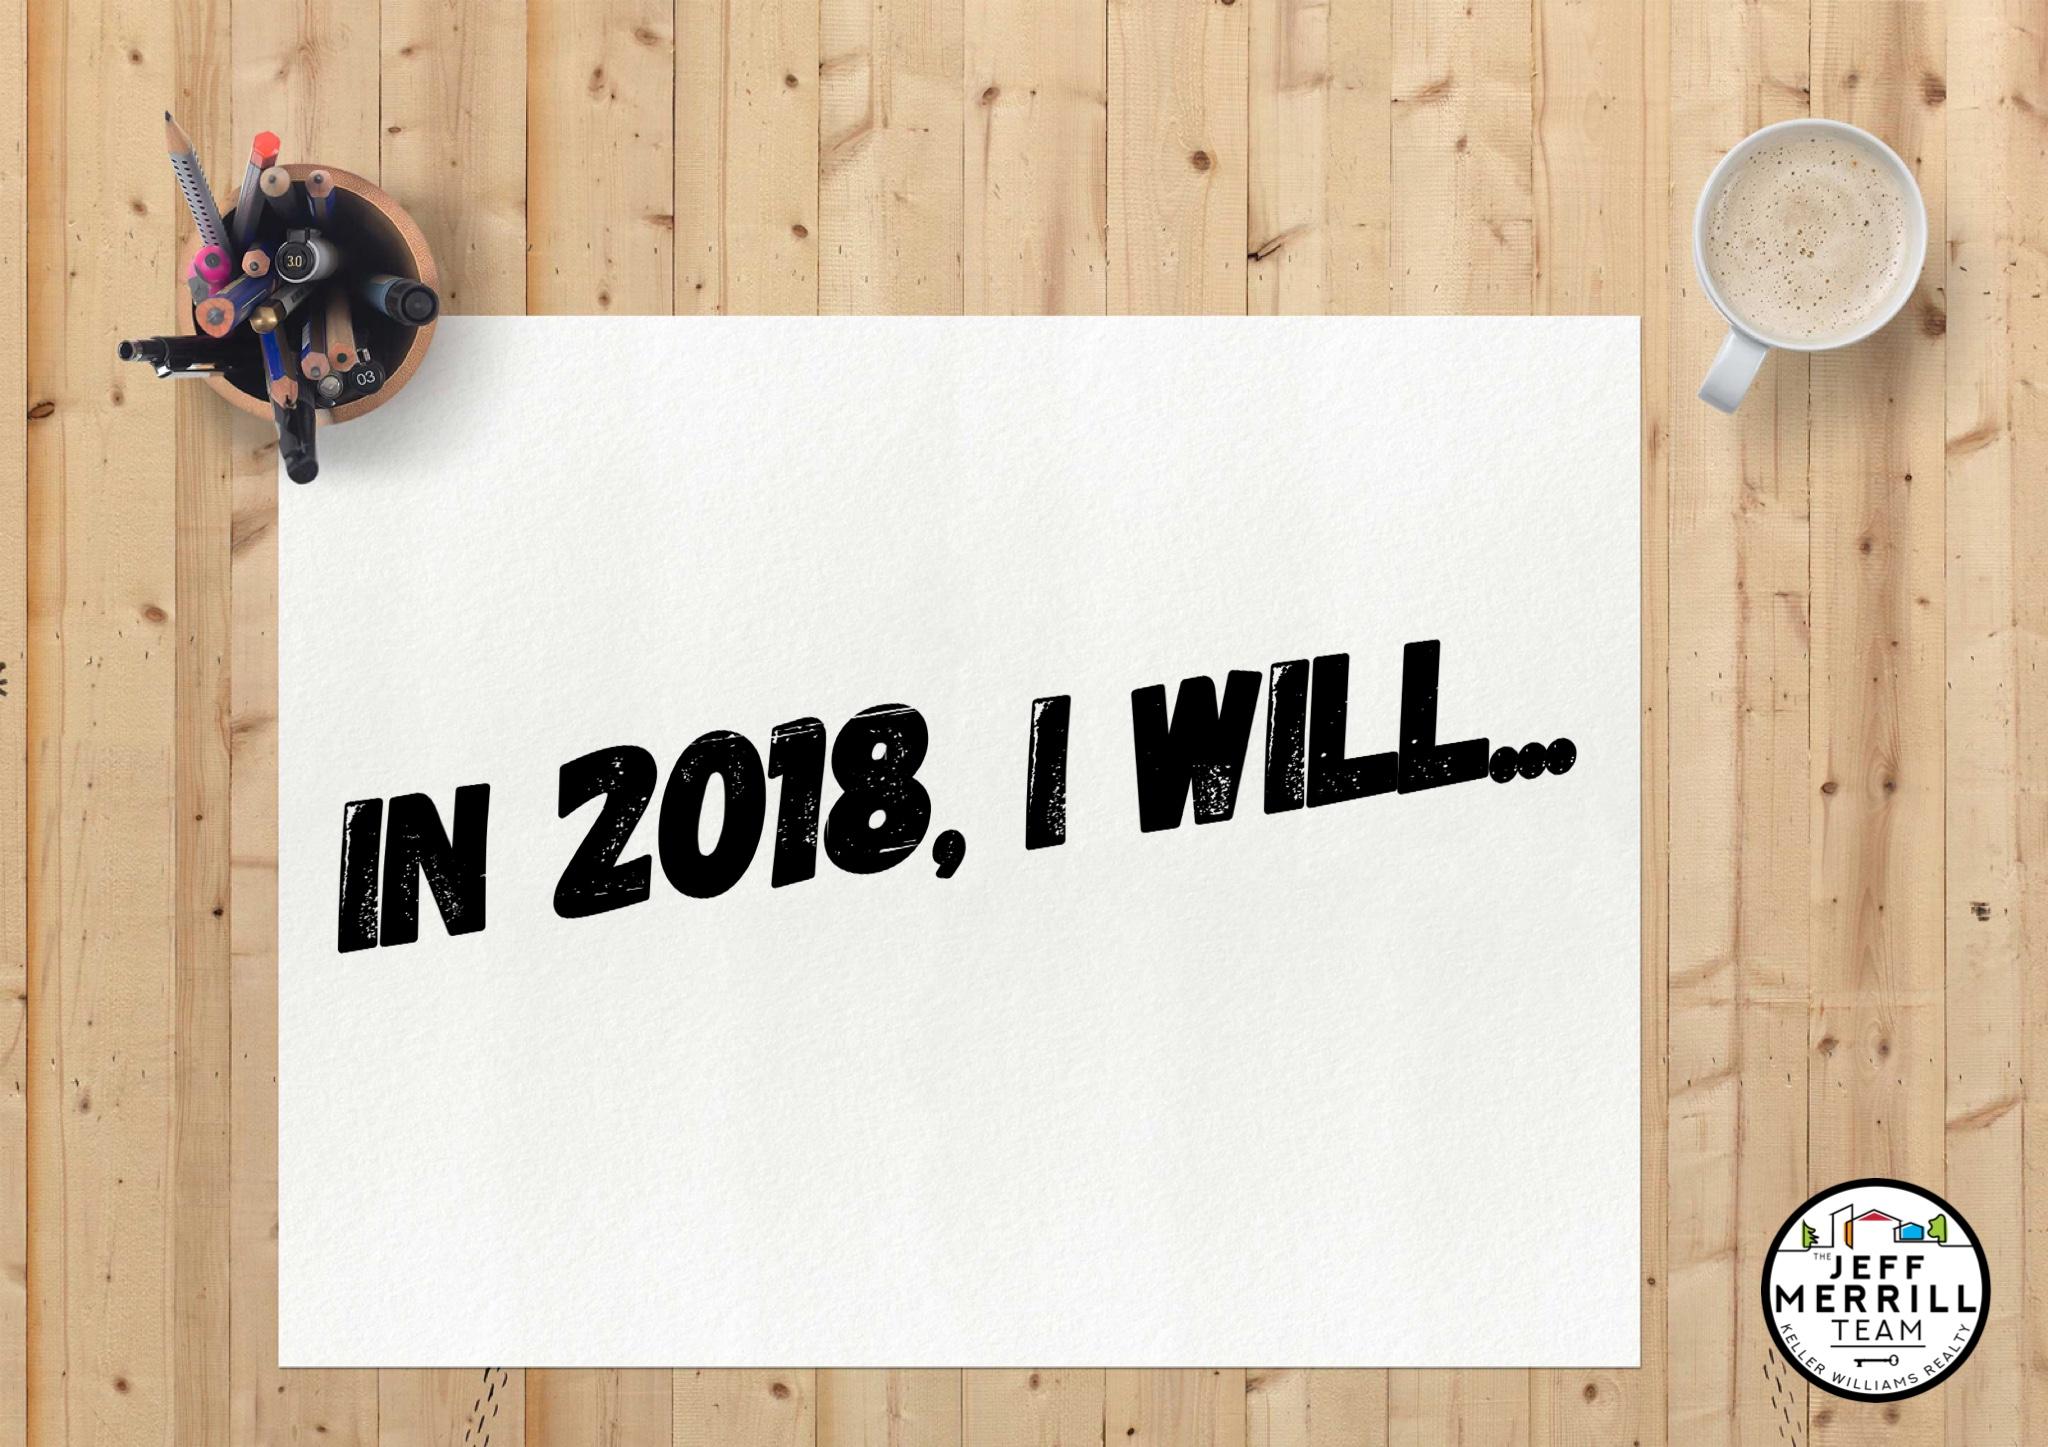 In 2018, I will....